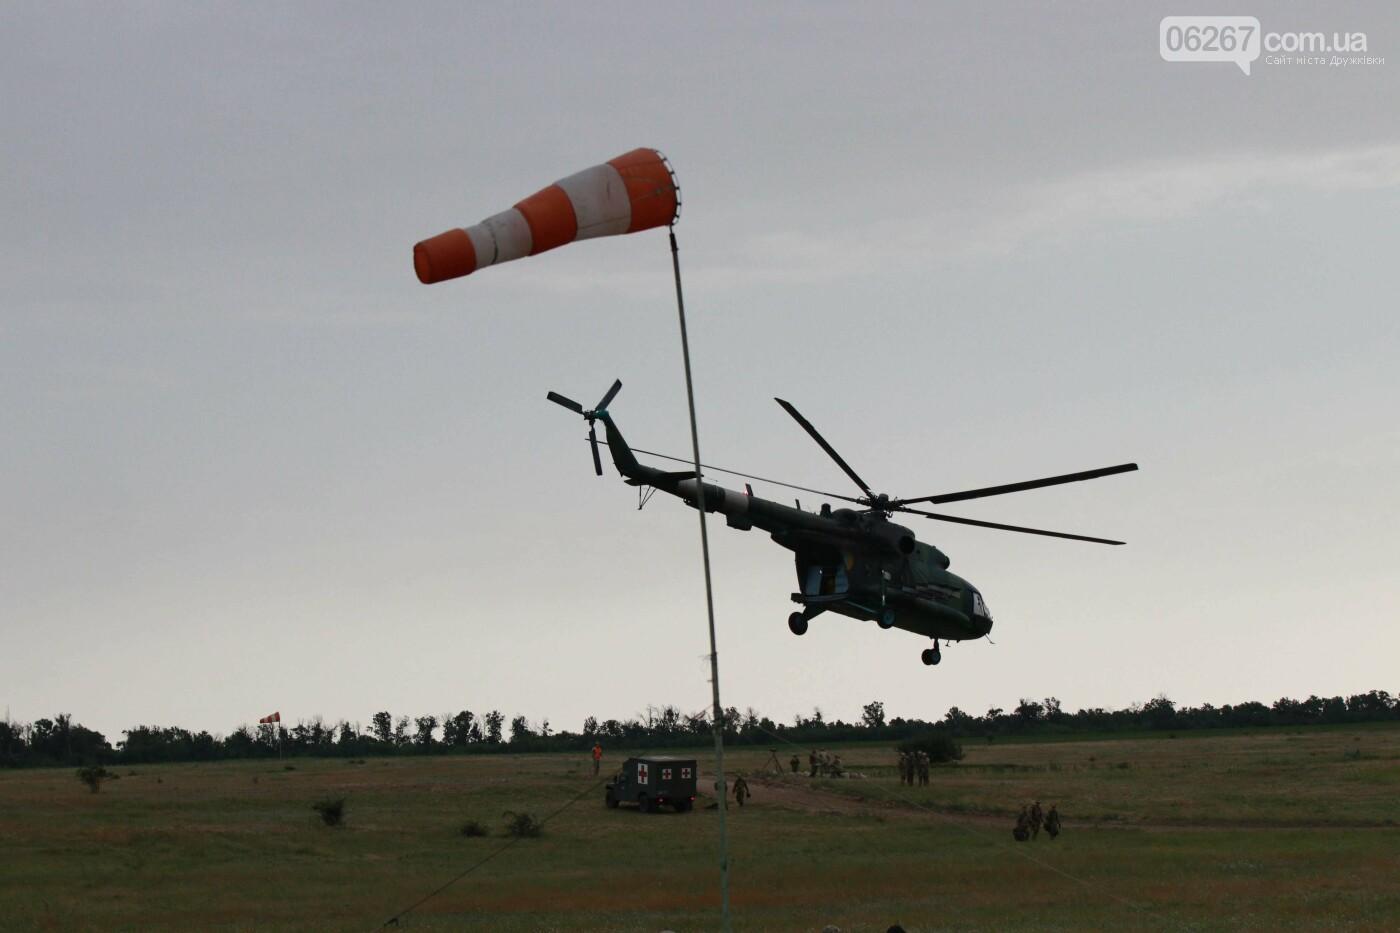 Стрибки з парашутами на околицях Дружківки. Як проходить бойова підготовка десантників - ВІДЕО, фото-9